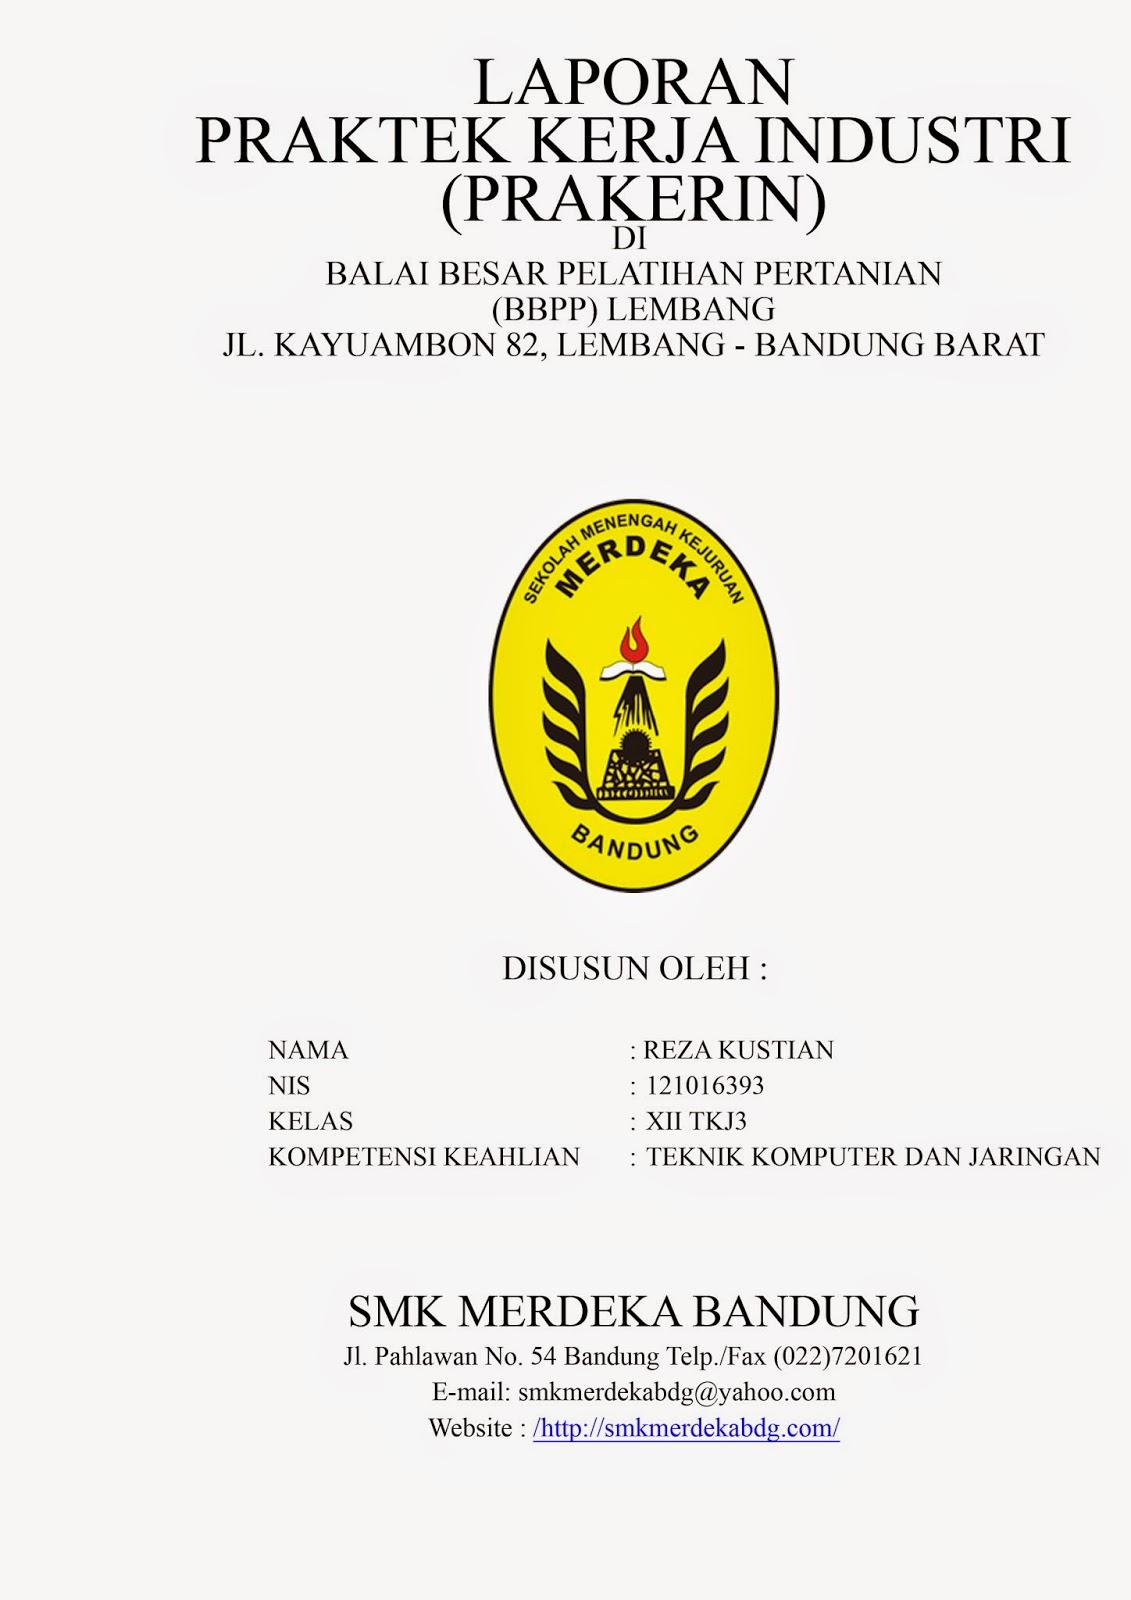 Contoh Makalah Prakerin Praktek Kerja Industri Contoh Laporan Prakerin Tkj 2014 Antel Antel Family